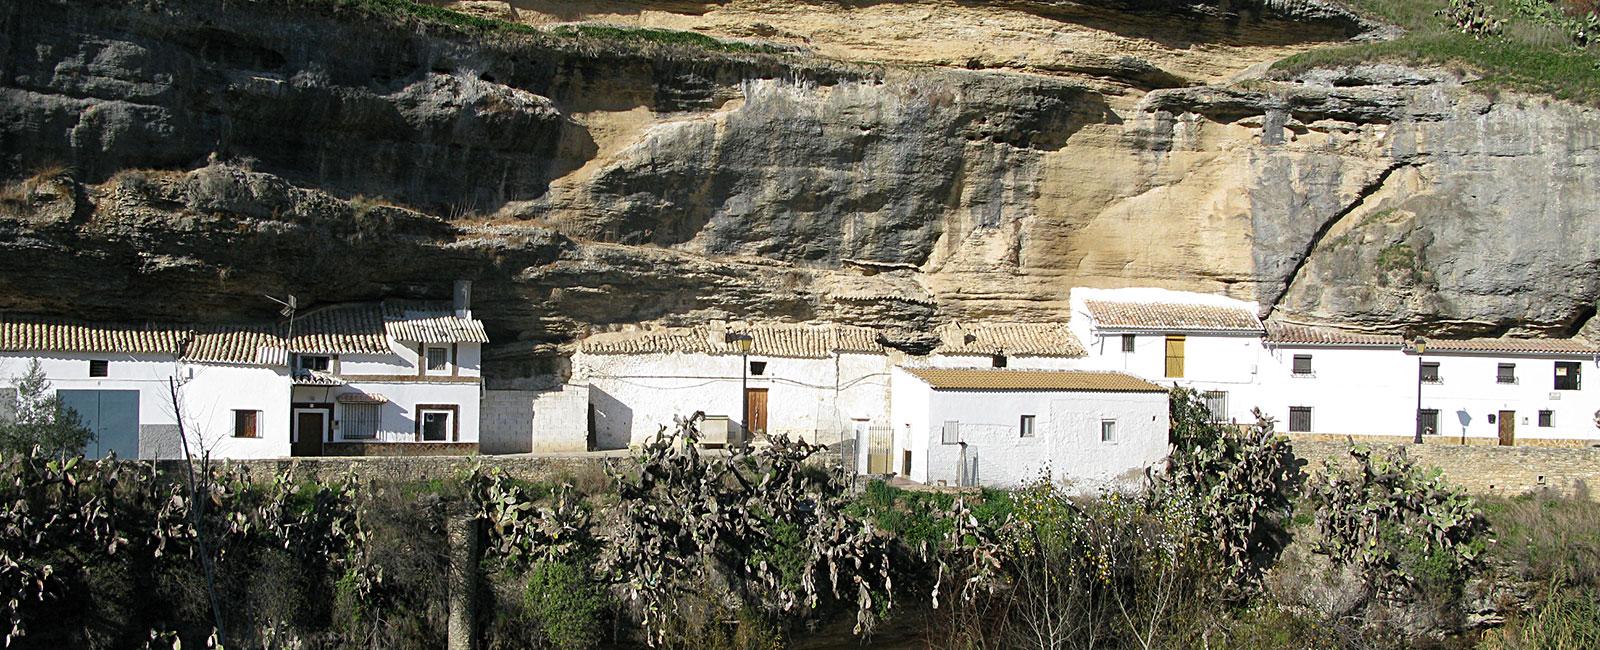 Die Häuser in Setenil de las Bodegas sind direkt an die steilen Felswände der Schlucht des Rio Trejo gebaut